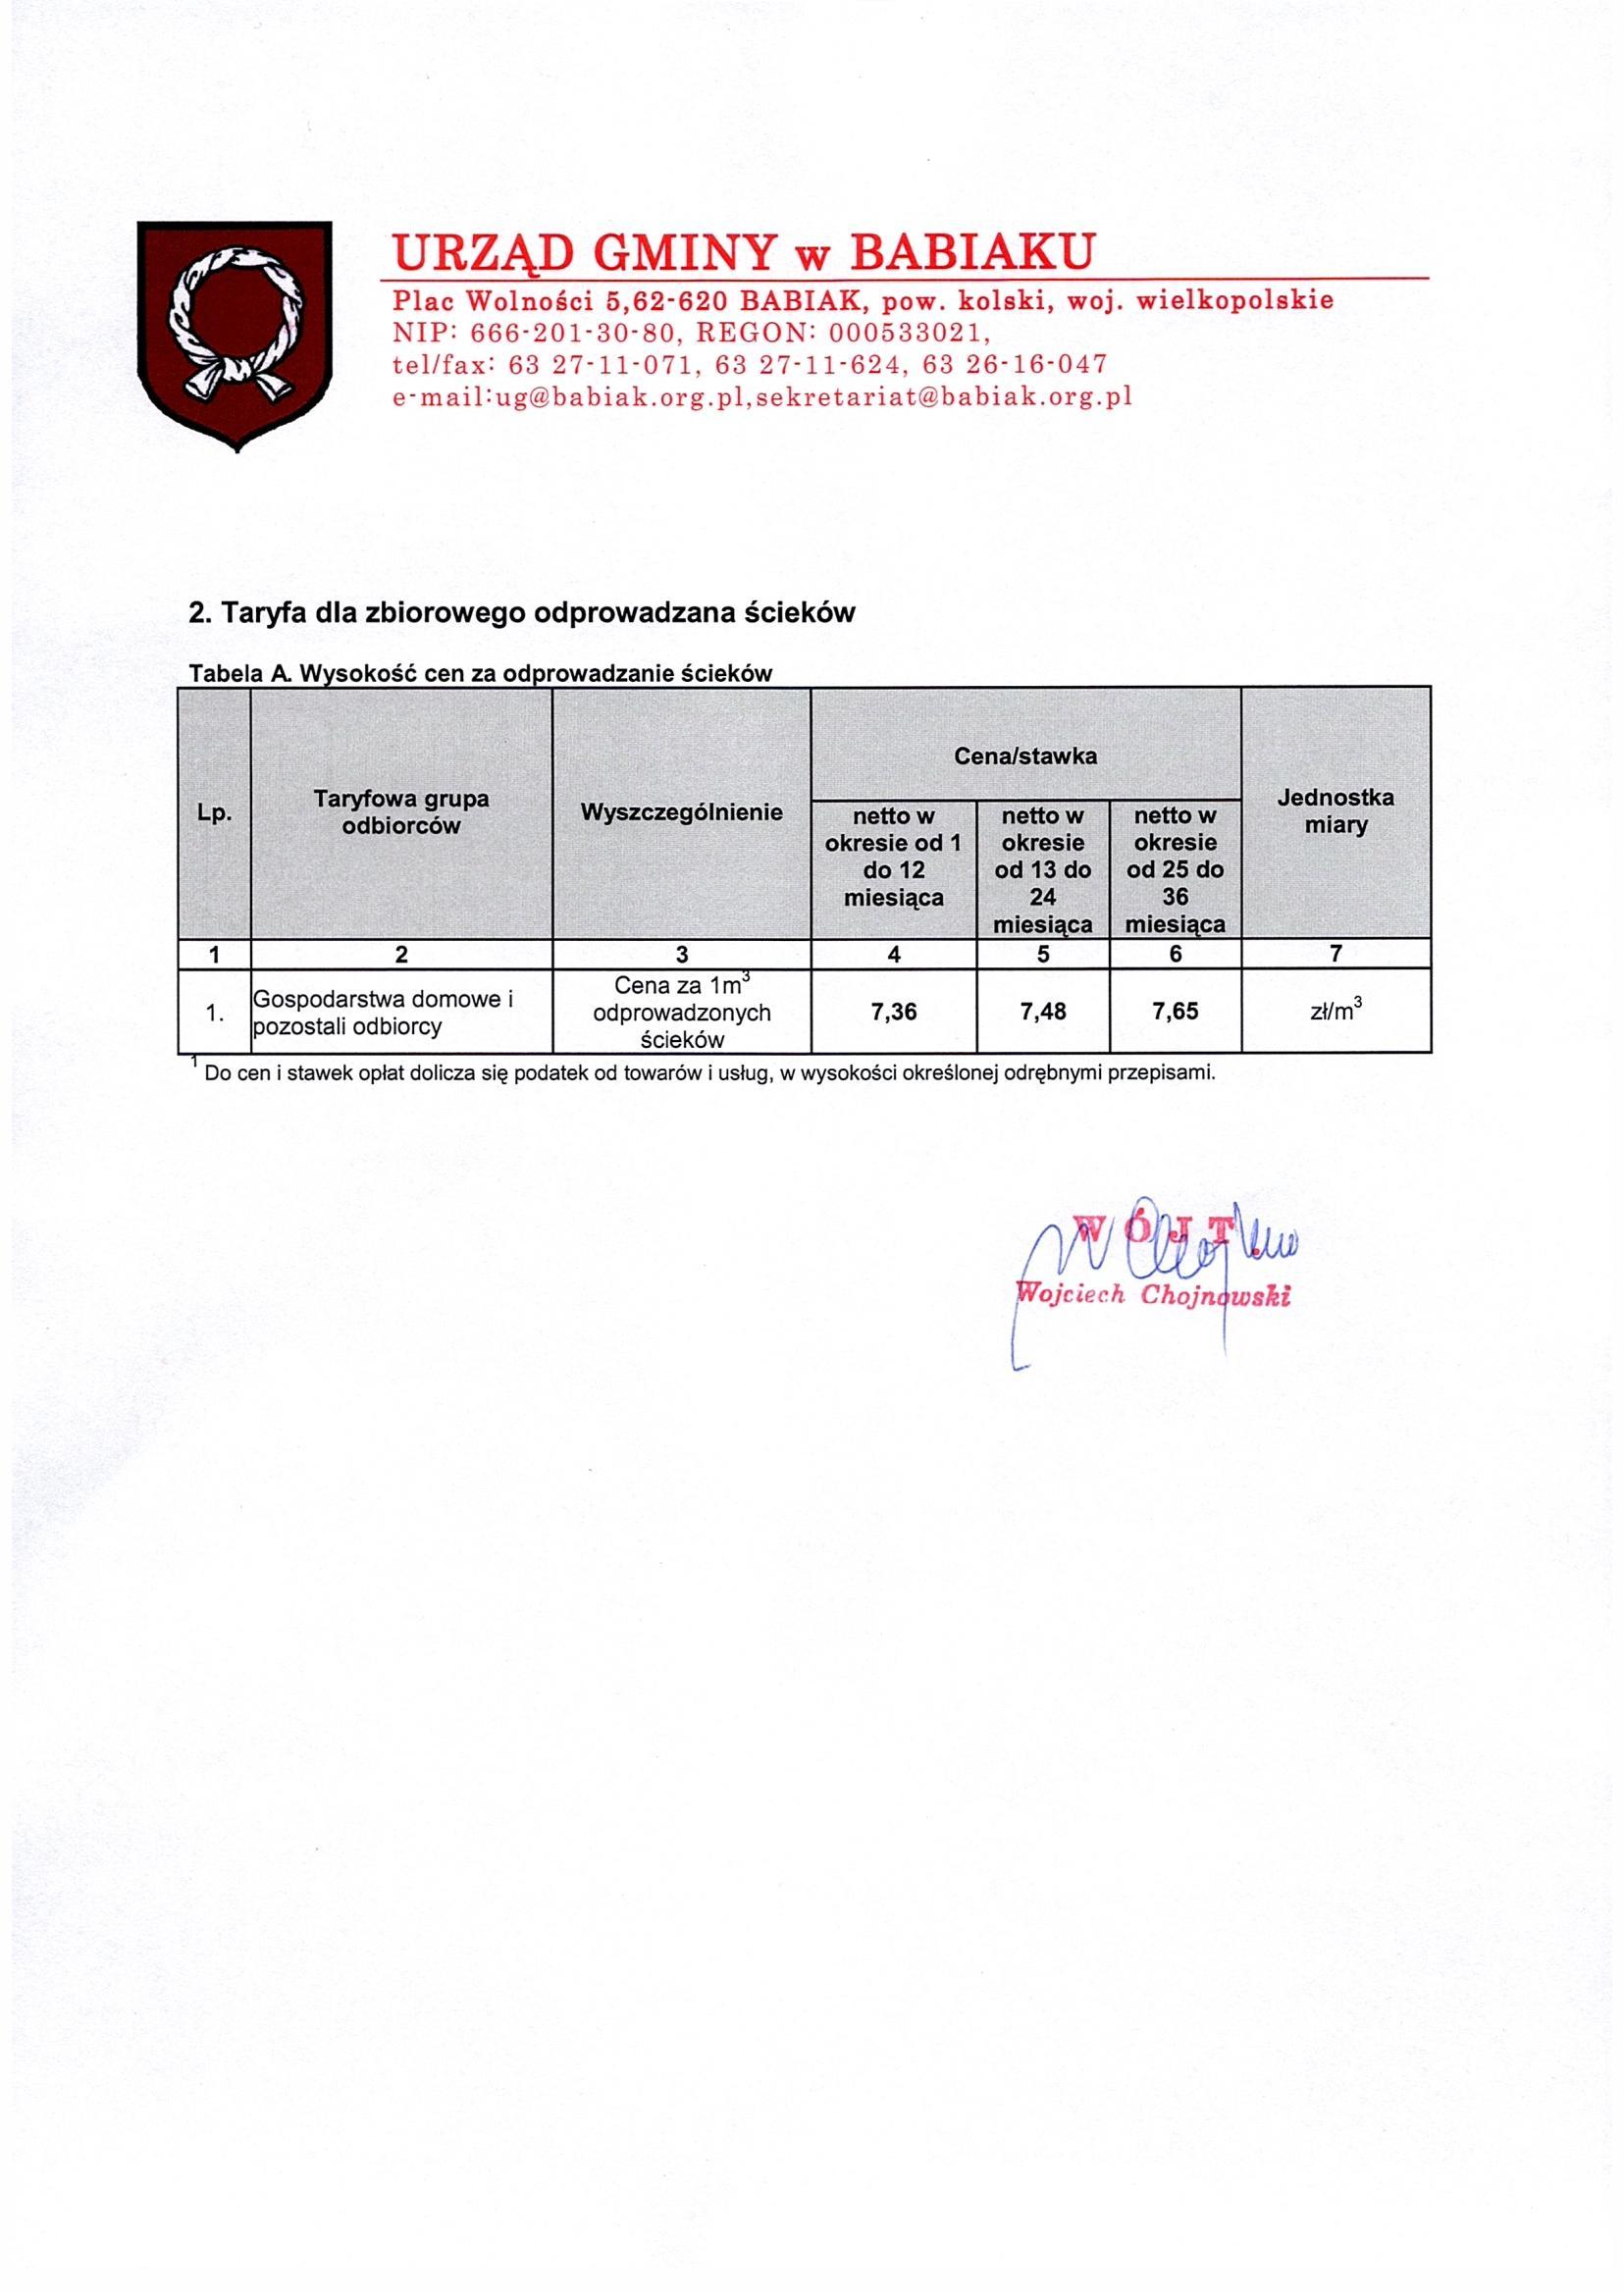 2. Taryfa dla zbiorowego odprowadzania ścieków cena za 1 m3: 1-12 miesięca - 7,36 zł netto, 13-24 miesiąca 7,48 zł netto, 25-36 miesiąca 7,65 zł netto